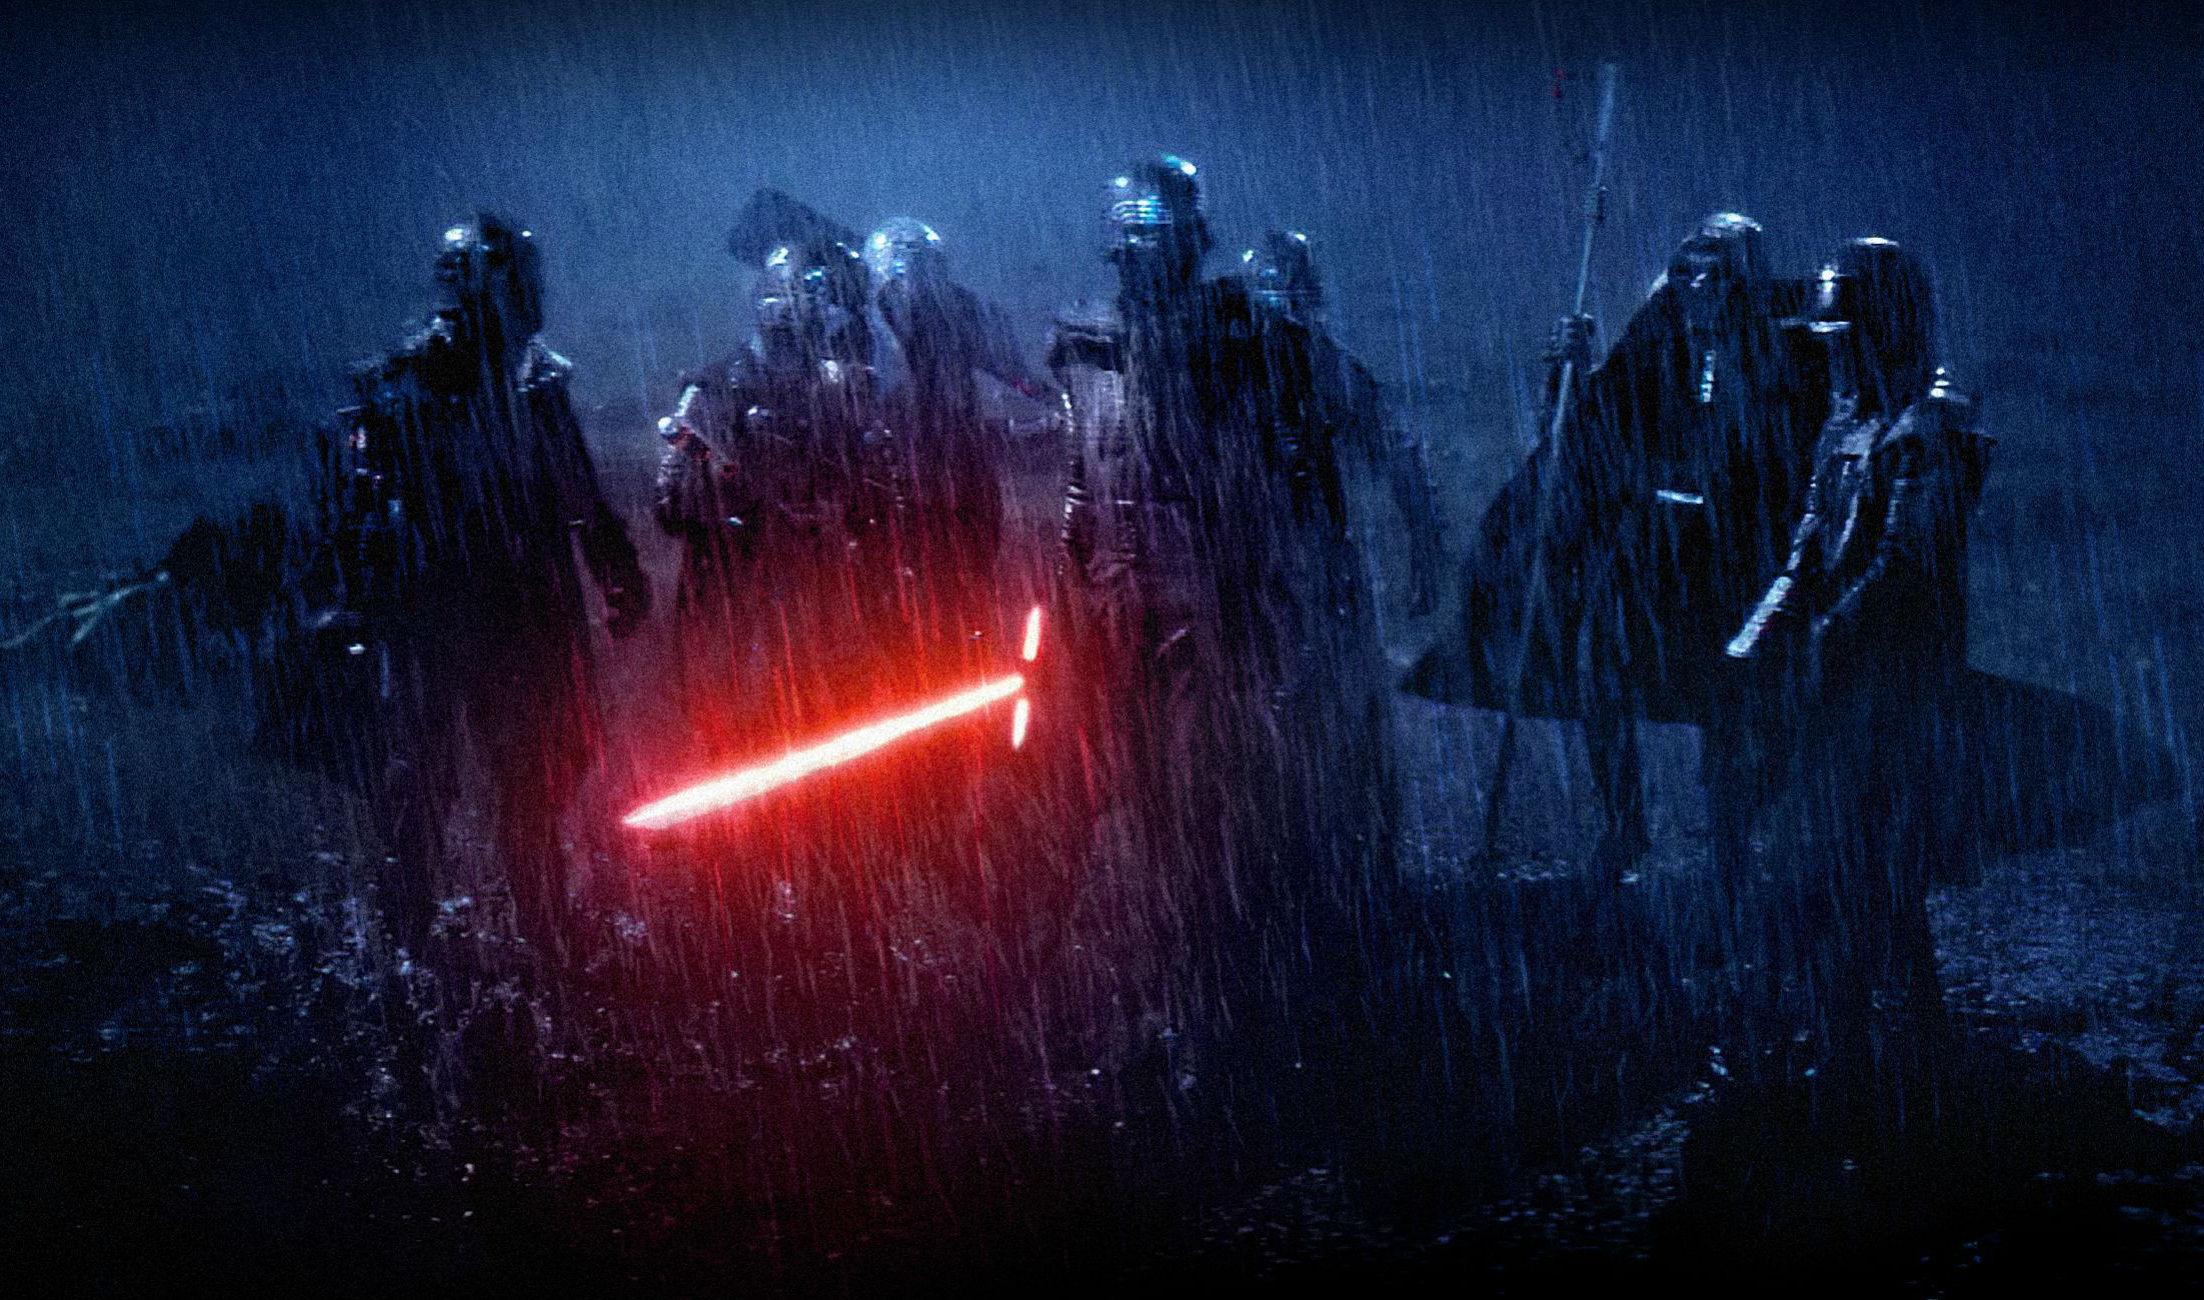 Star-Wars-7-Knights-of-Ren